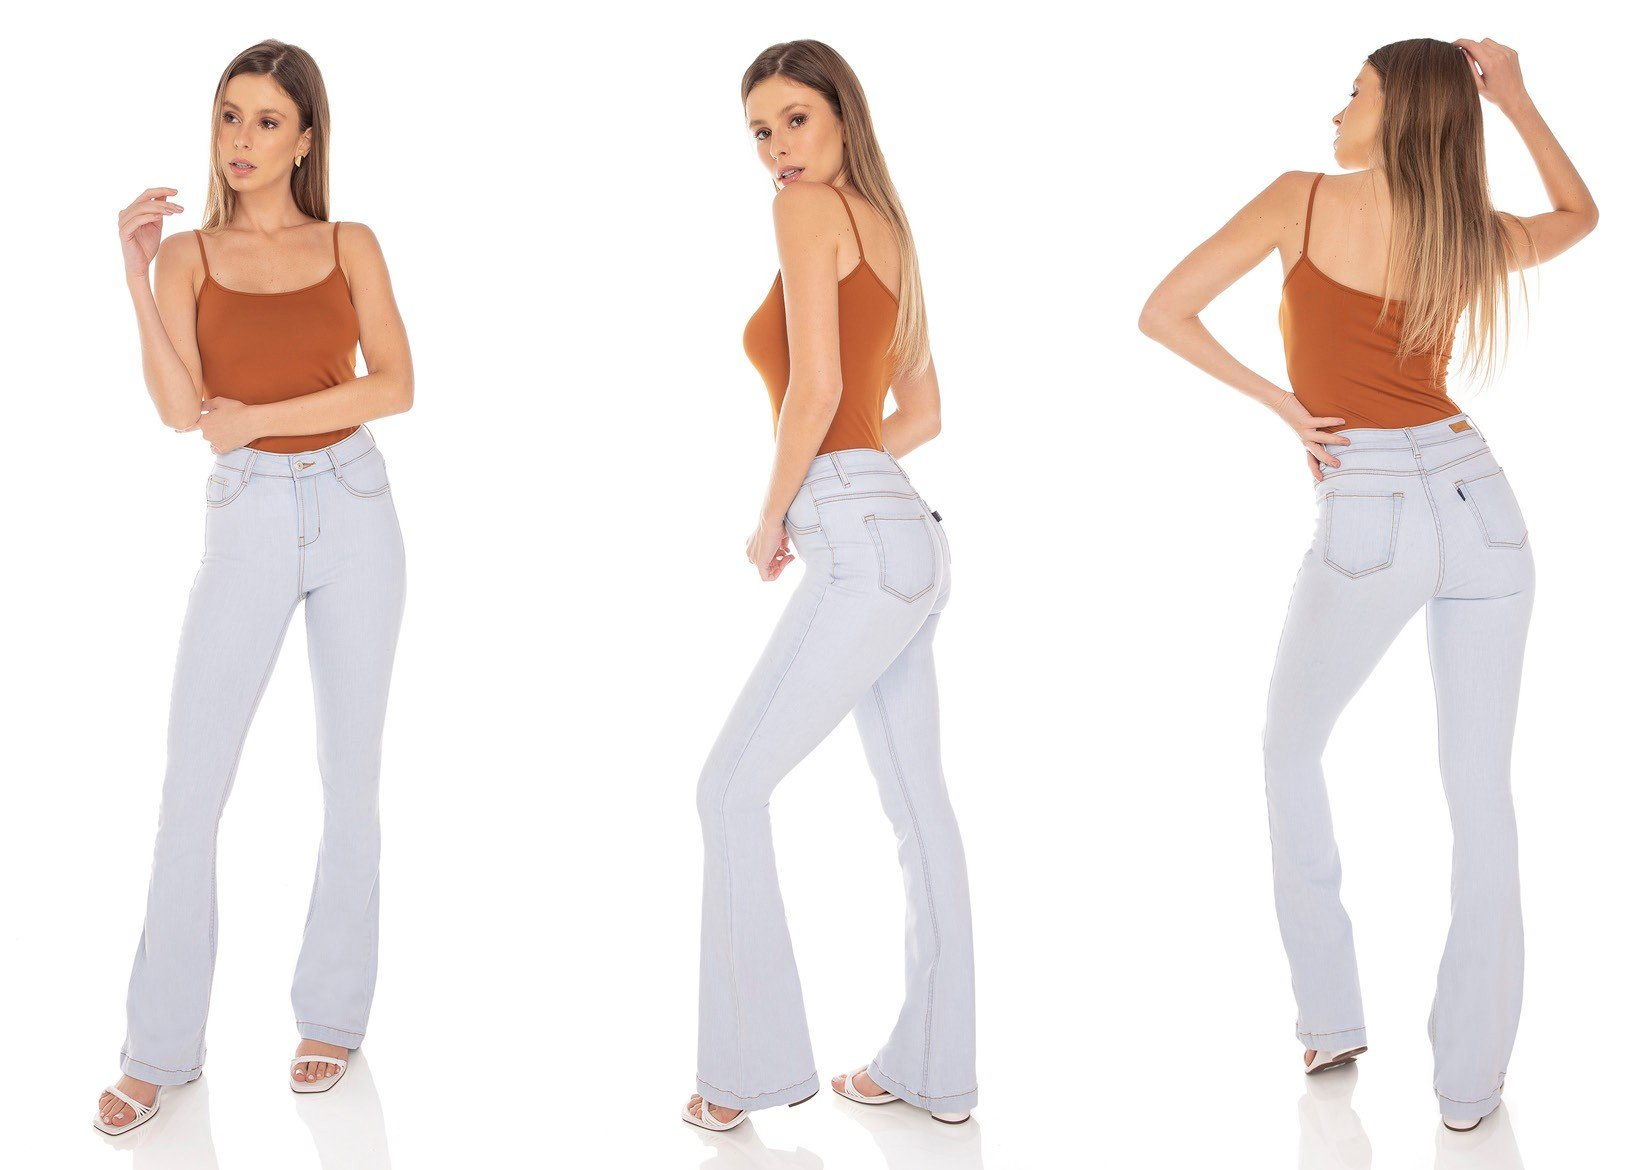 dz3413 calca jeans feminina flare media clarinha denim zero tripla